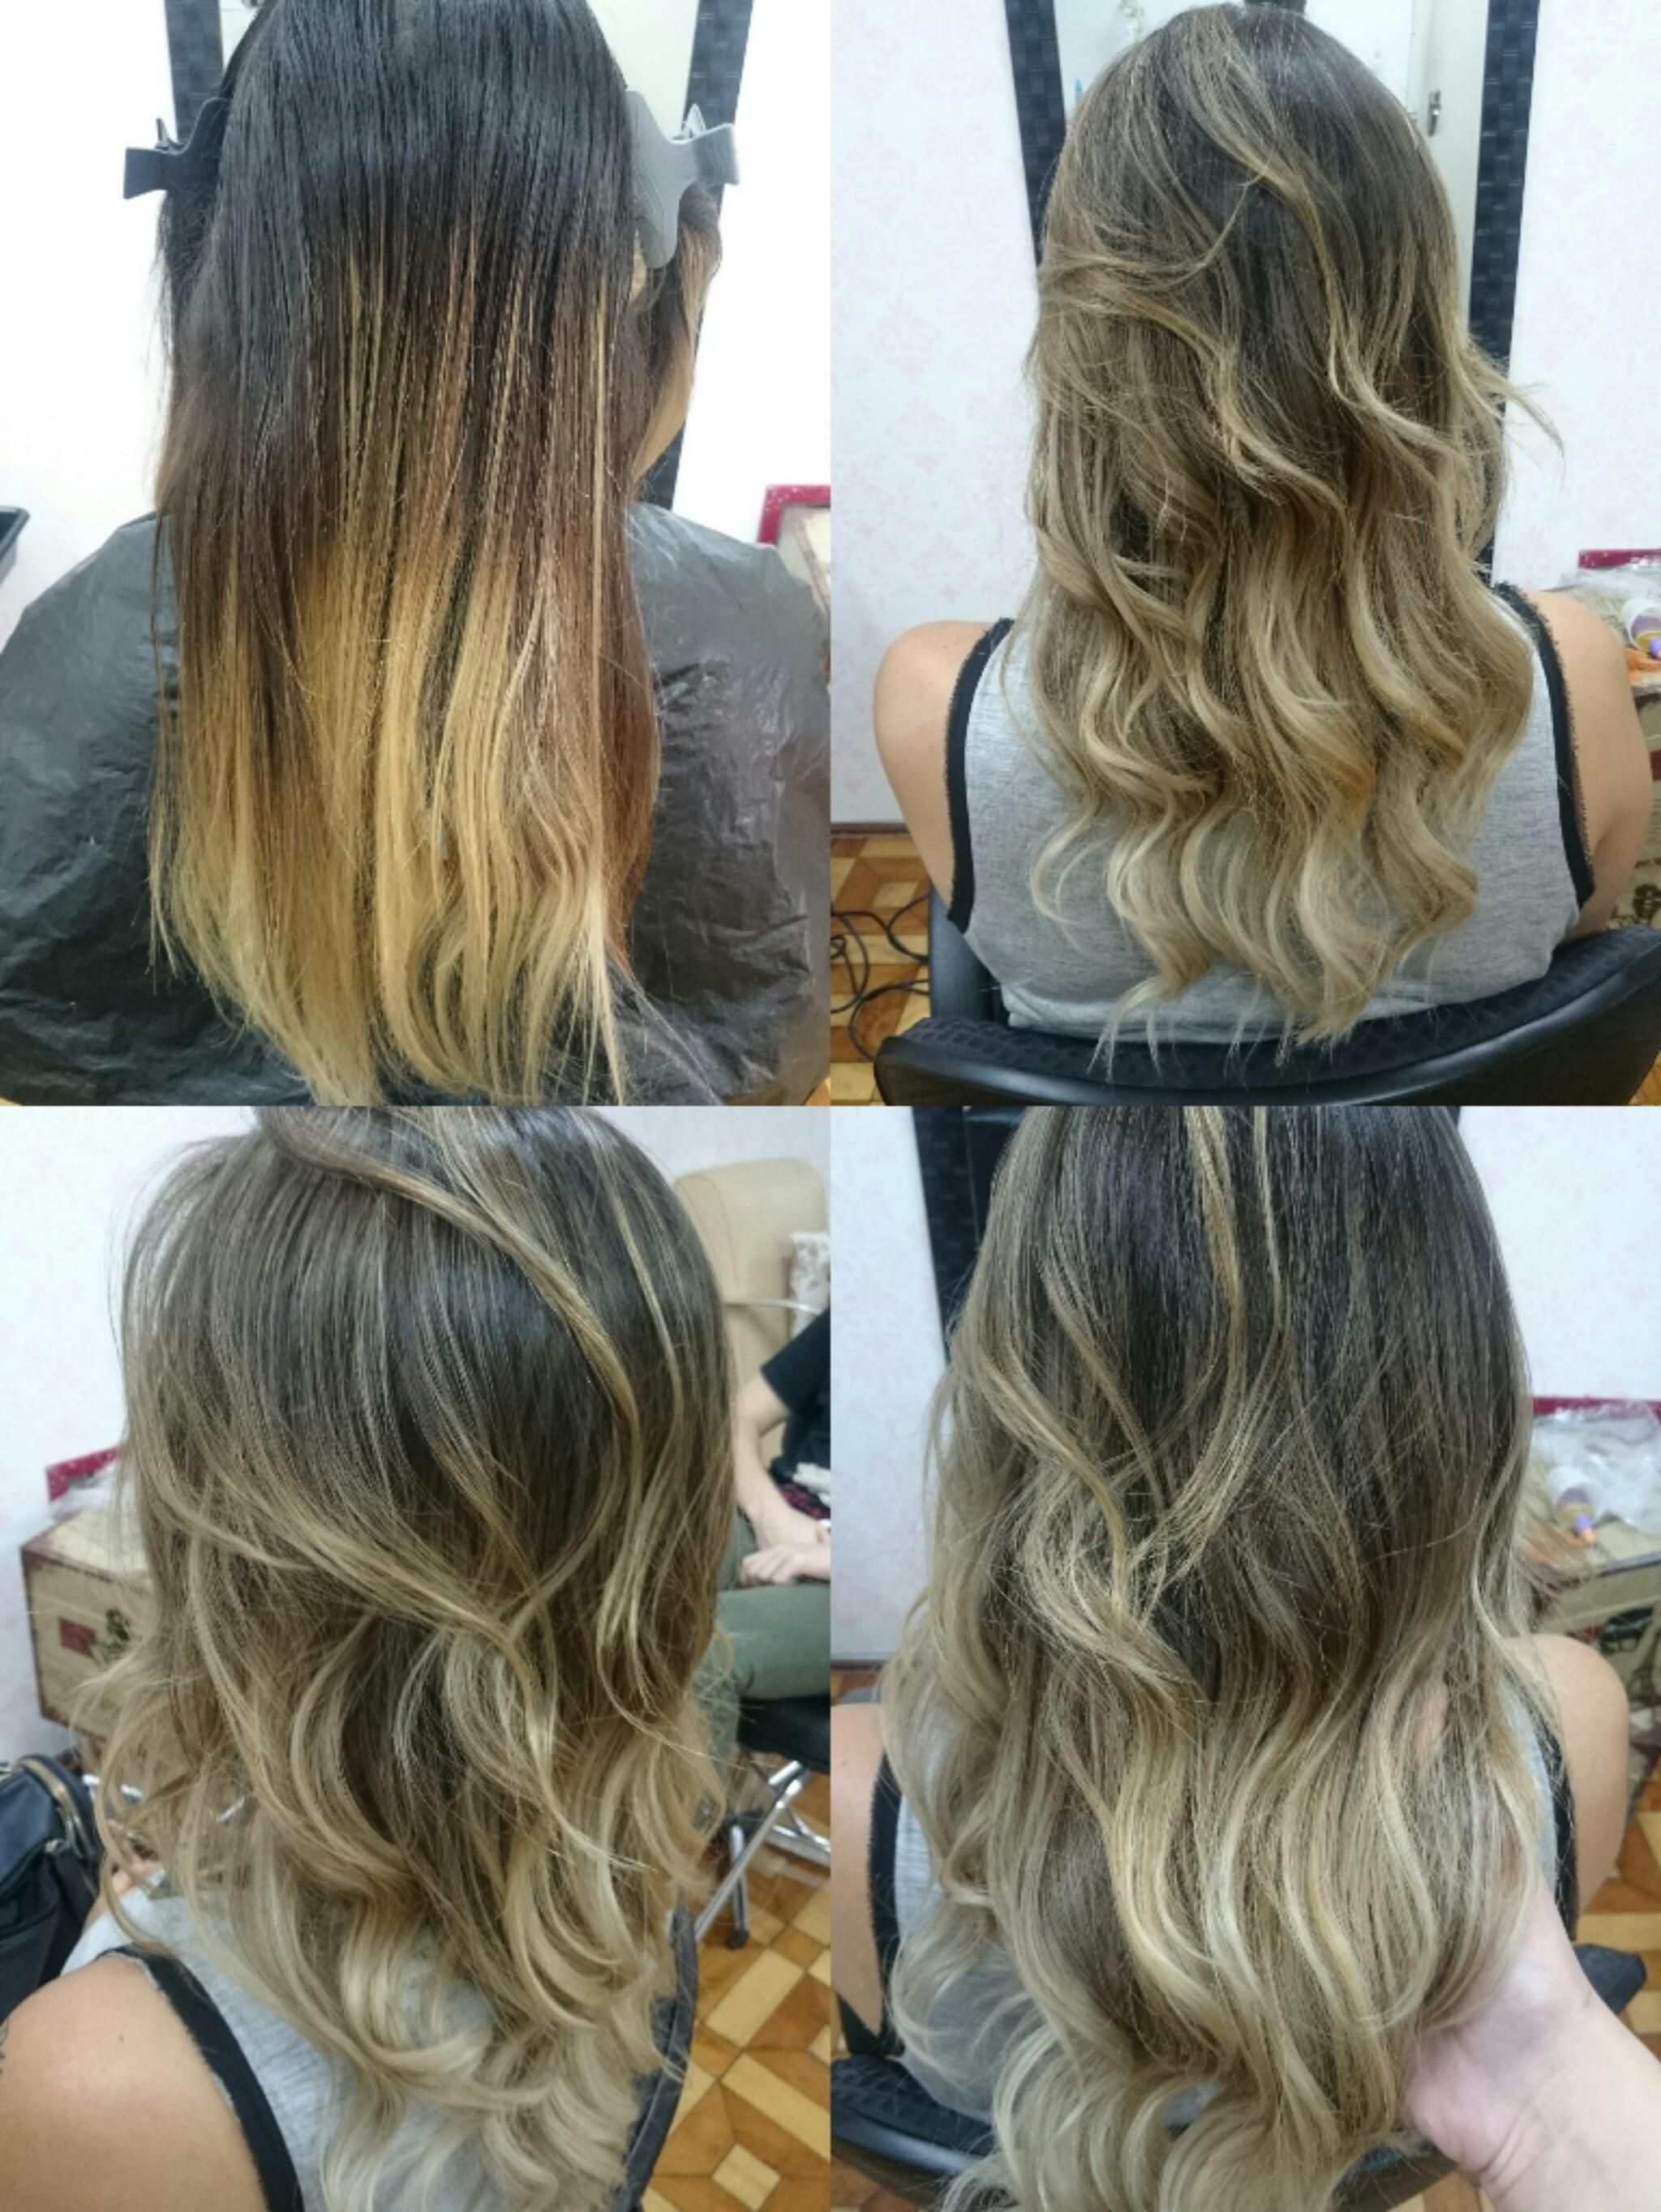 #morenailuminada #luzes #ombrehair #ombrehighlights #canelatostada #blonde #hair #loirodossonhos #job #transformation #transformacao #cabelos #cabelosloiros  #loirossaudaveis #loirosdivos #loirosdourados #loirosamanteigados #loirosperolados #loirosplatinados cabelo cabeleireiro(a) stylist / visagista maquiador(a) designer de sobrancelhas